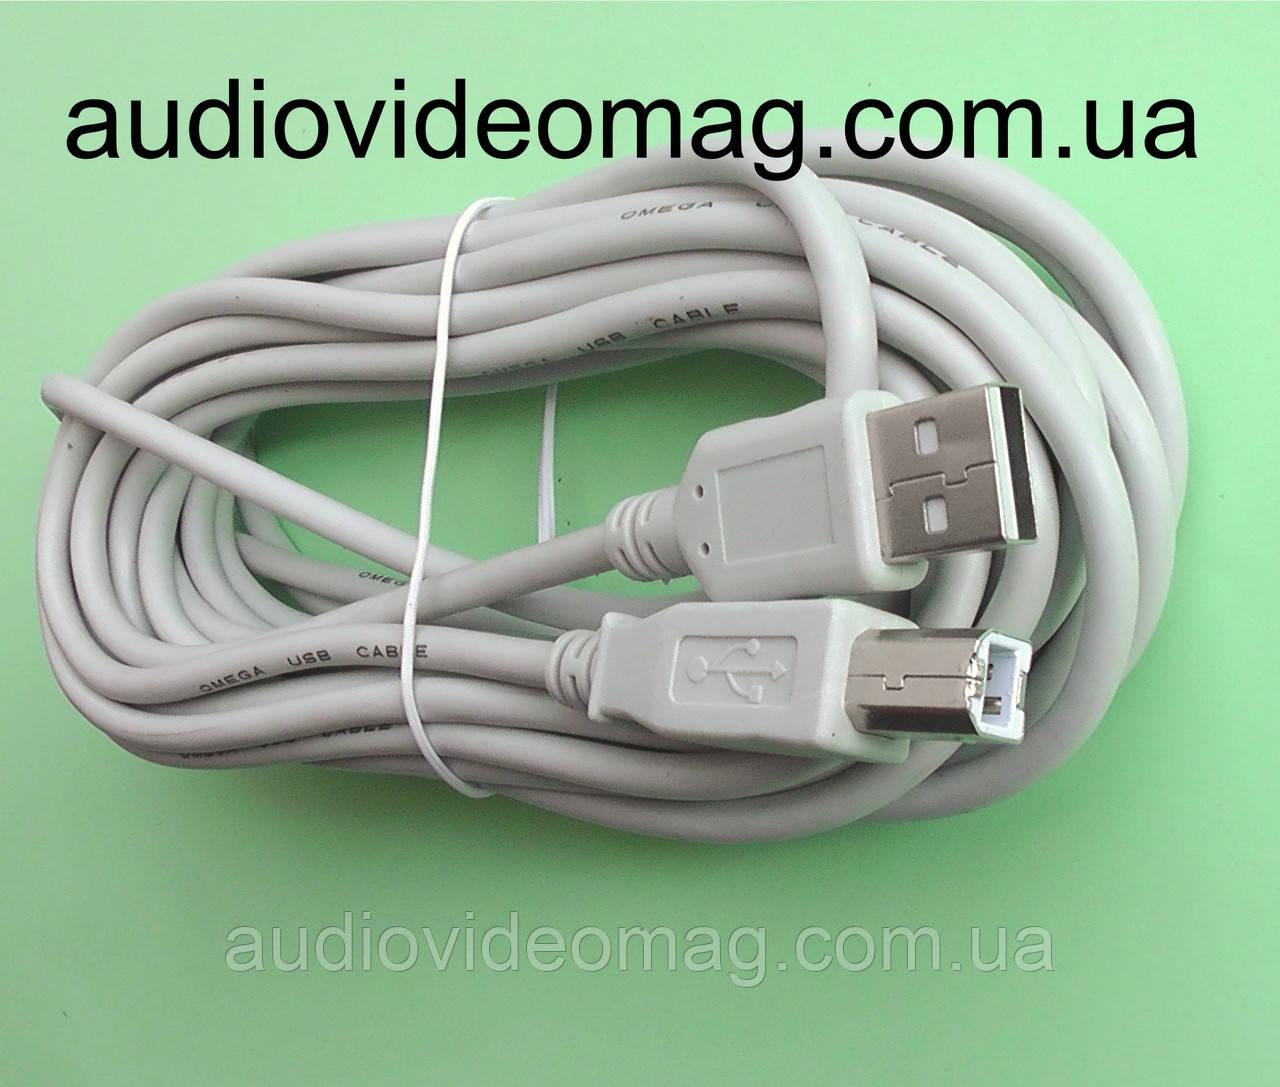 Кабель для принтера USB 2.0 AM-BM, длина 5 метров